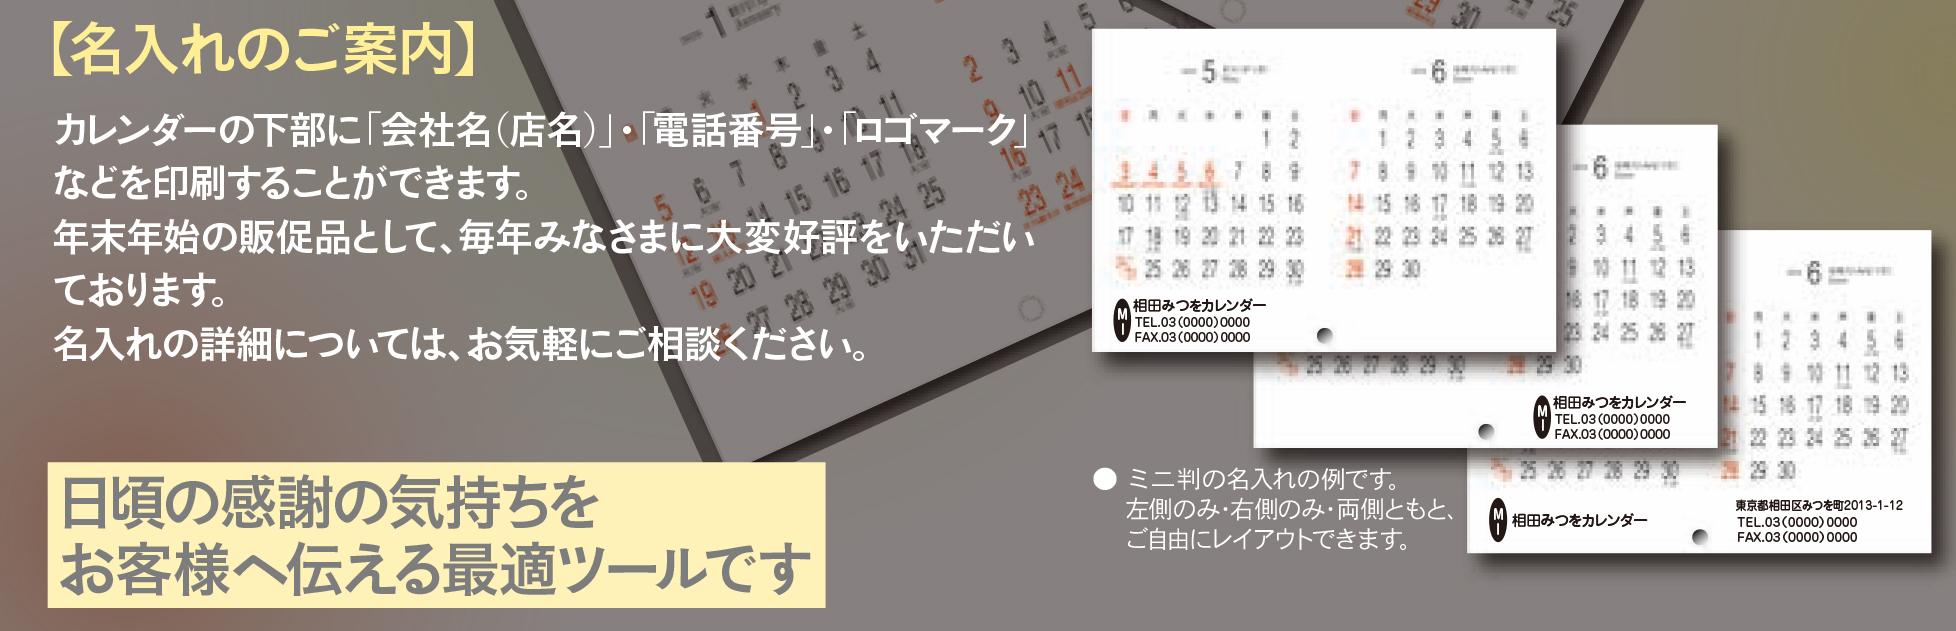 カレンダー名入れ説明画像